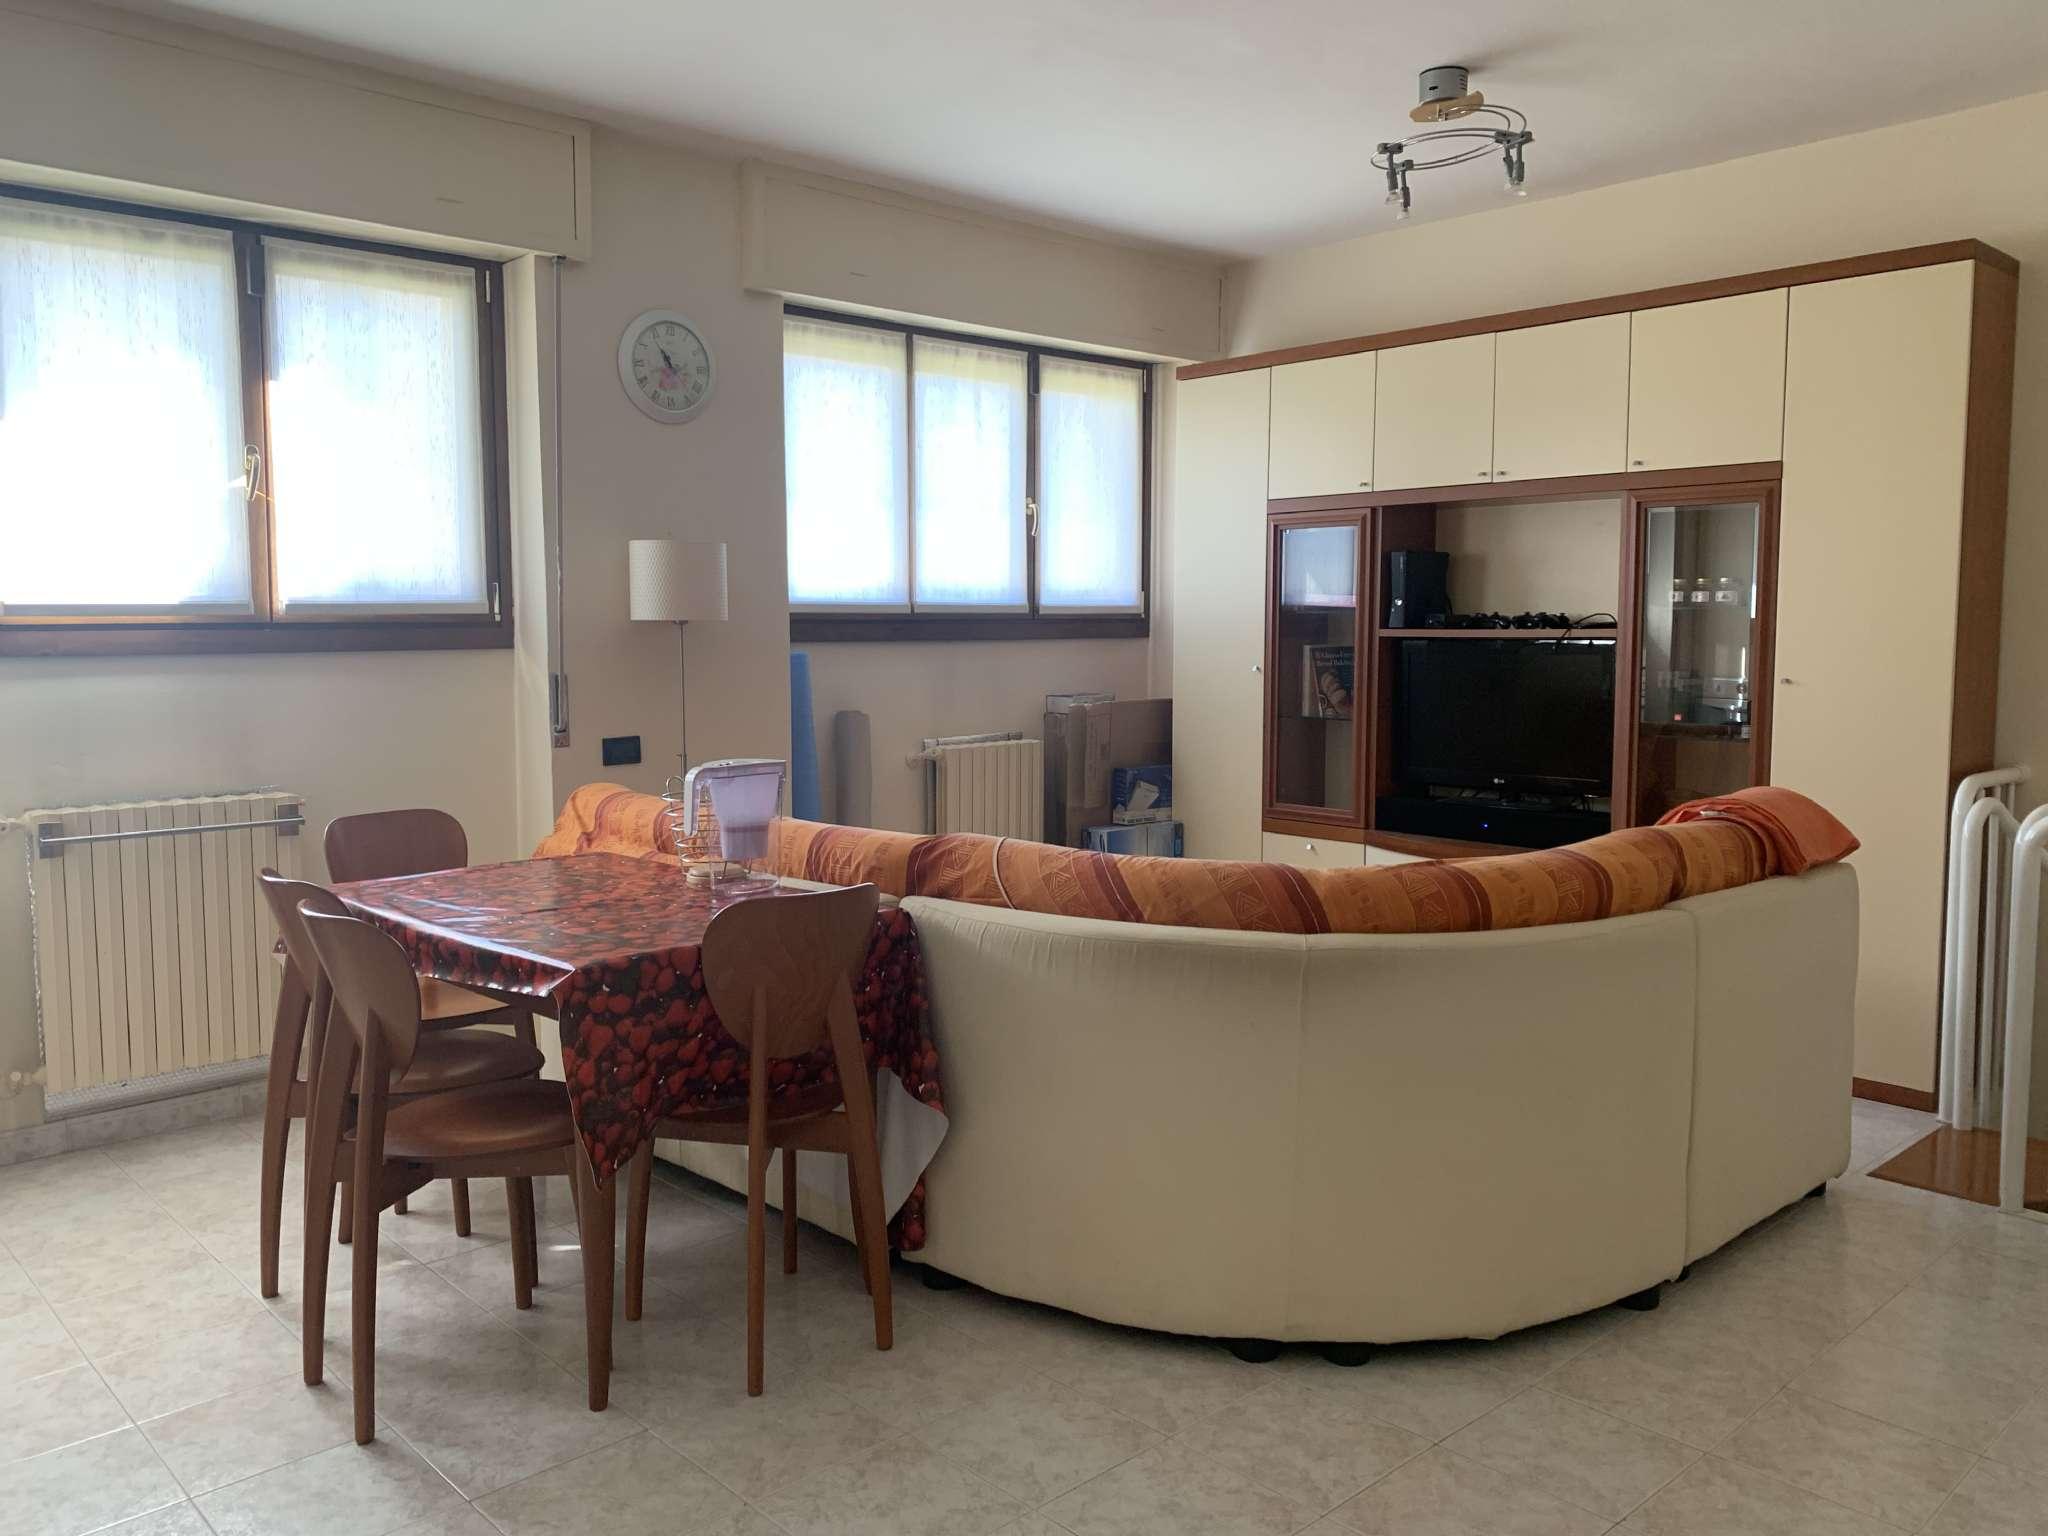 Appartamento in vendita a Cuneo, 2 locali, prezzo € 63.000 | CambioCasa.it